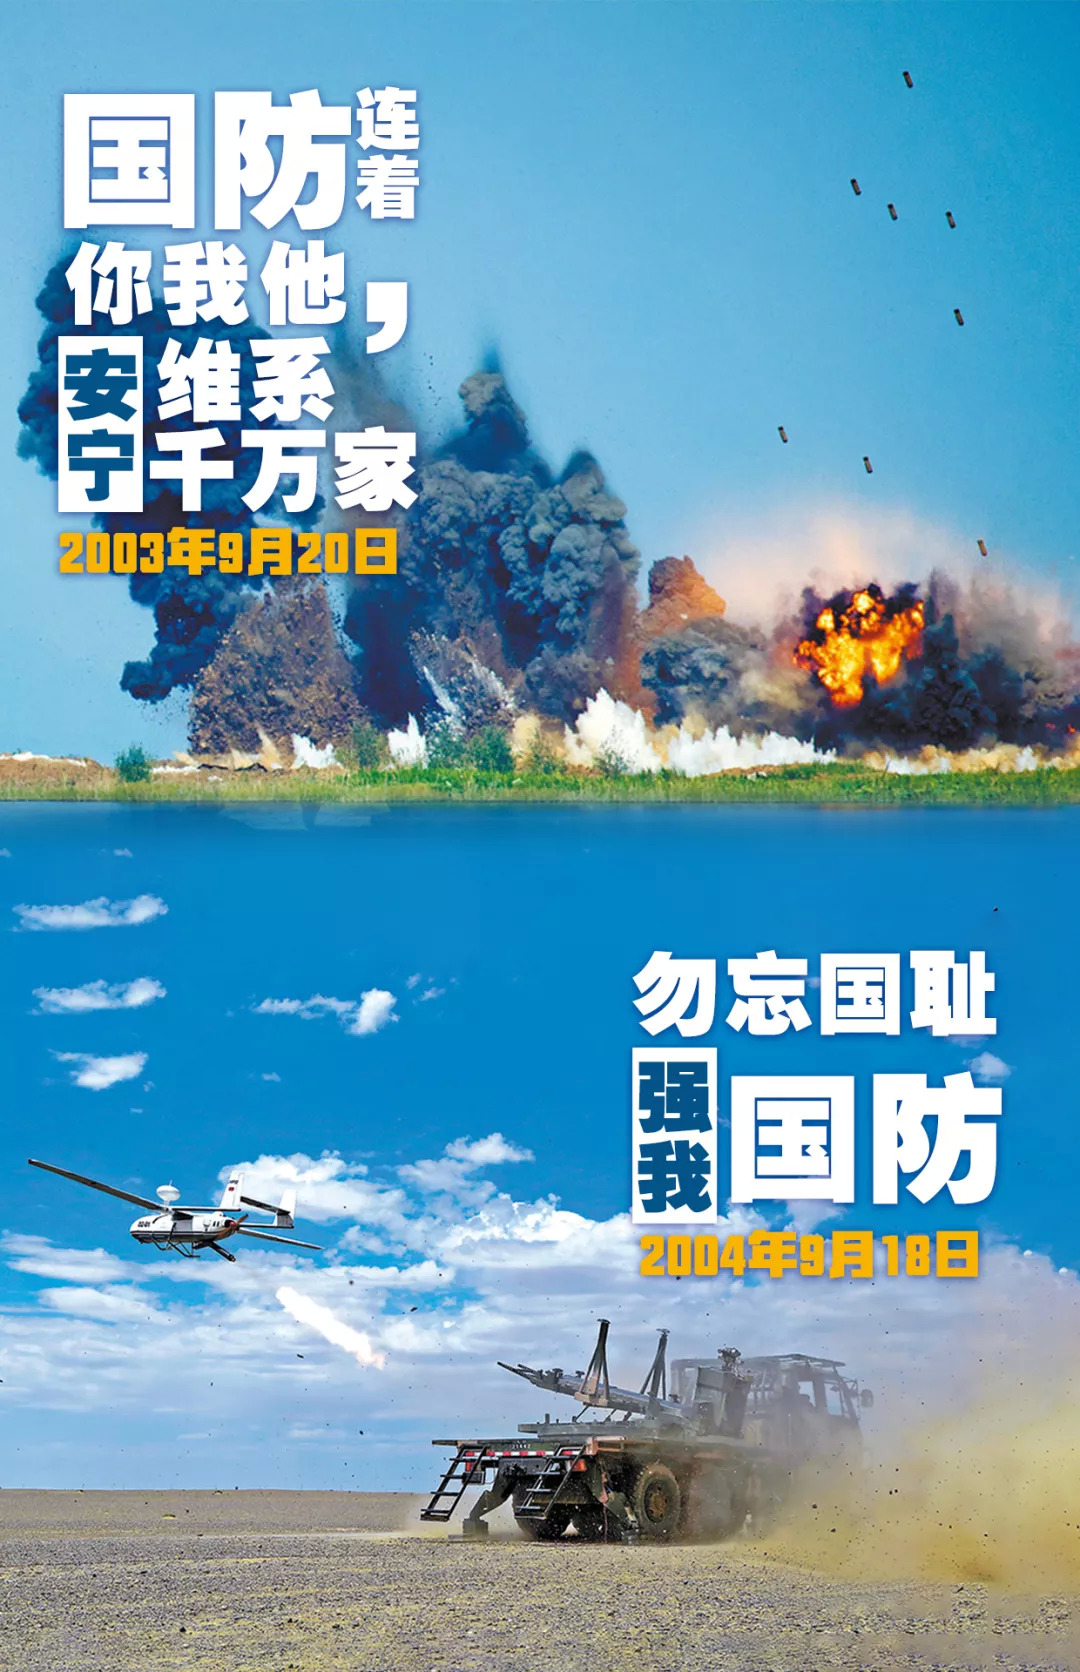 全民国防教育日主题海报来了!